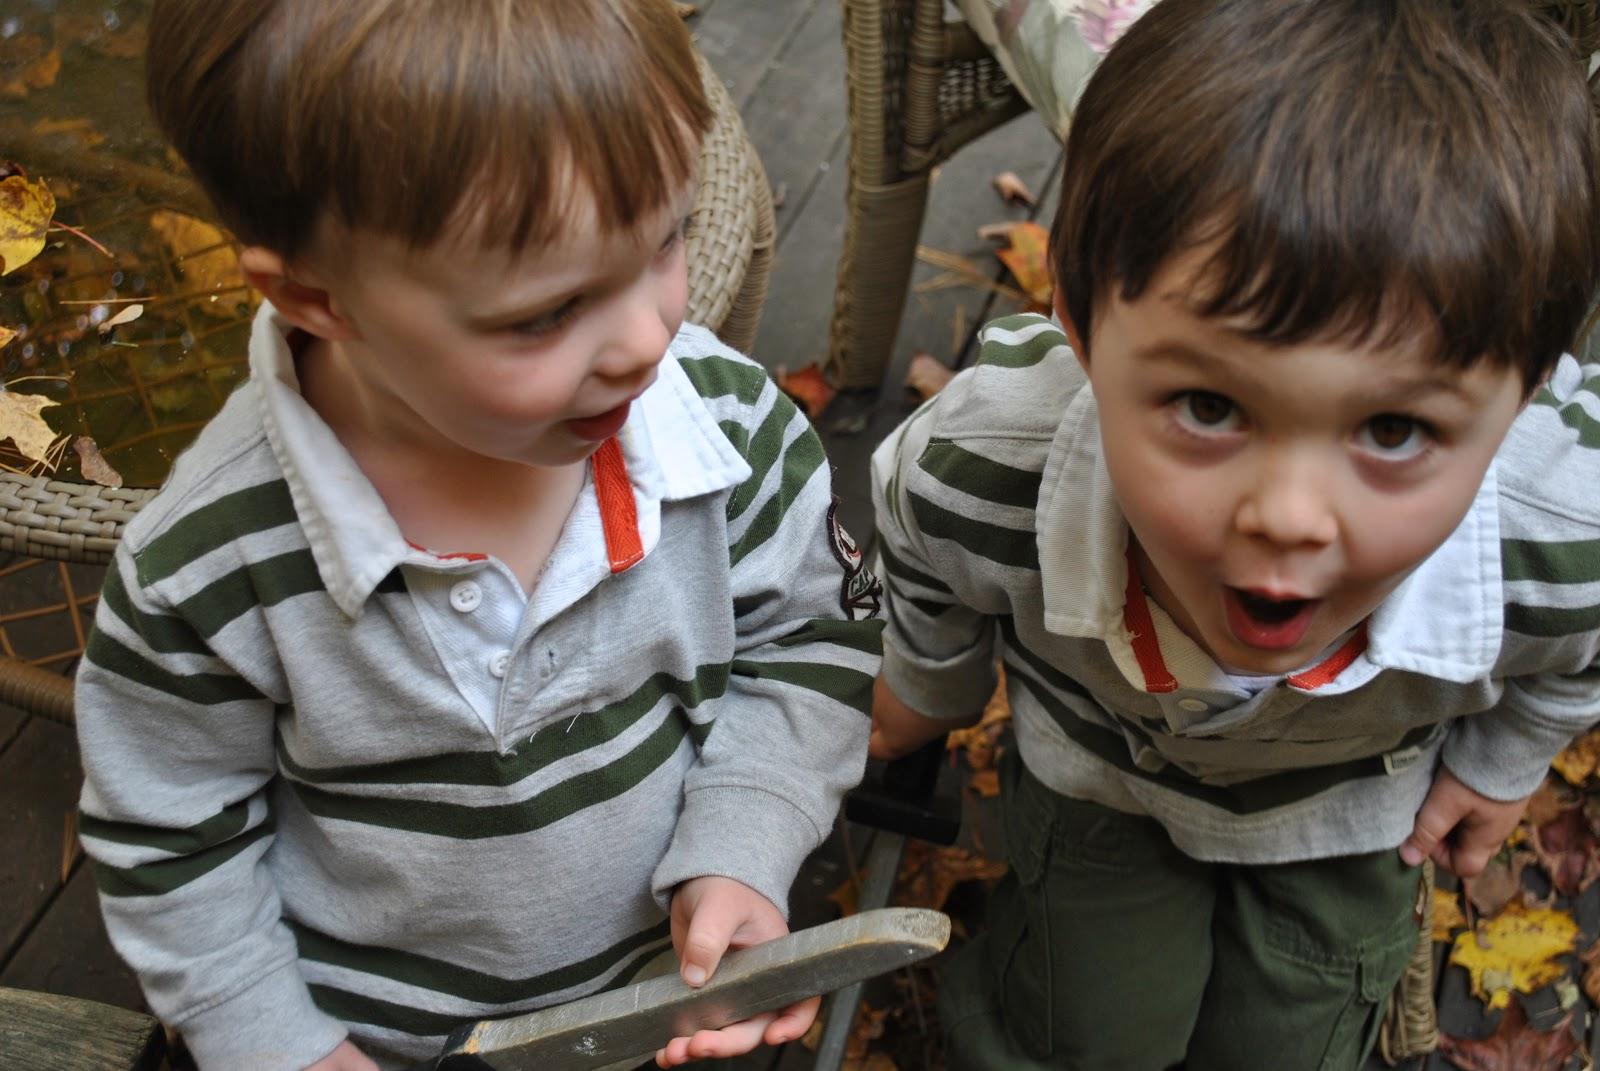 Little Boys in Their Briefs